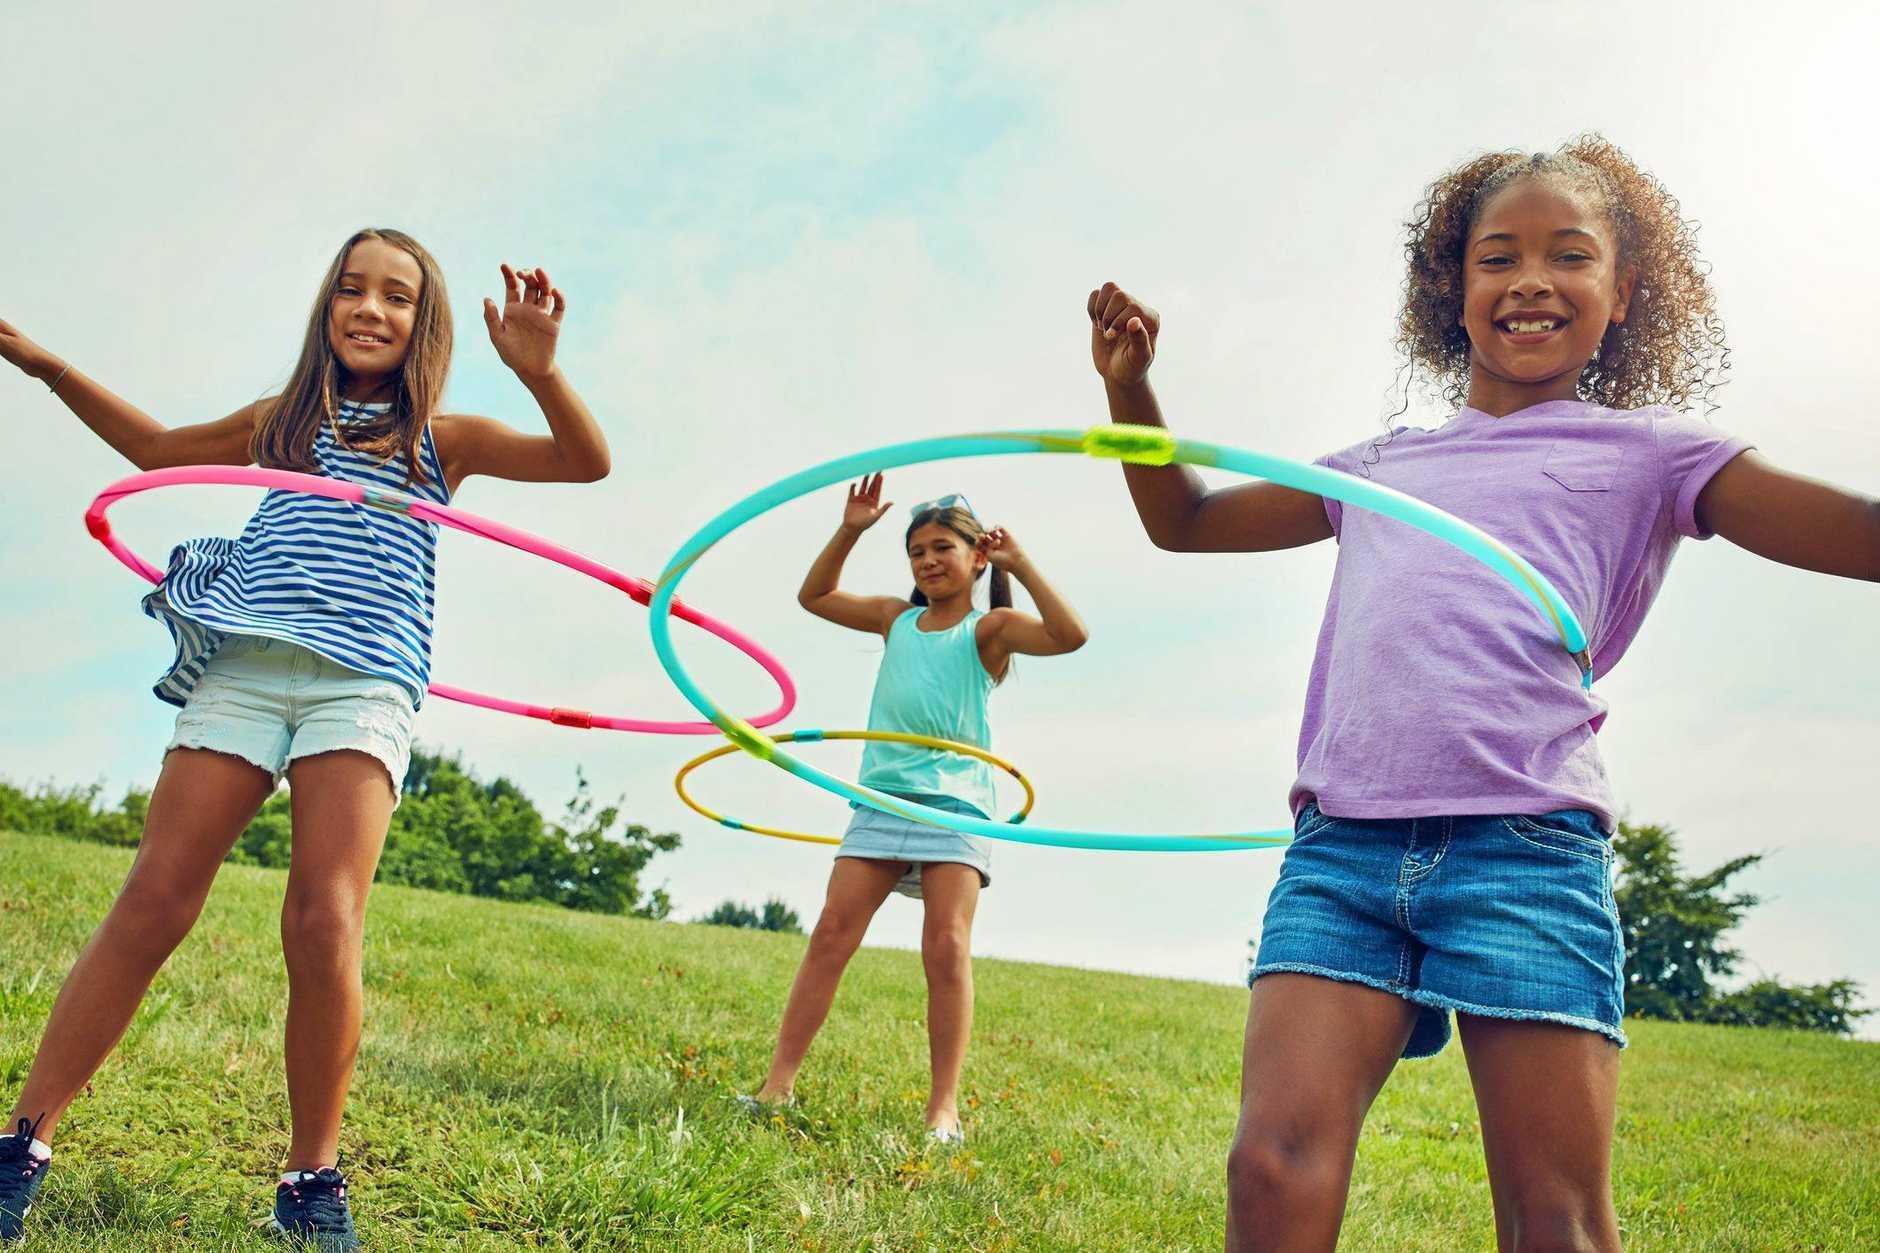 Hula hoop activities will be held in Springfield this week.